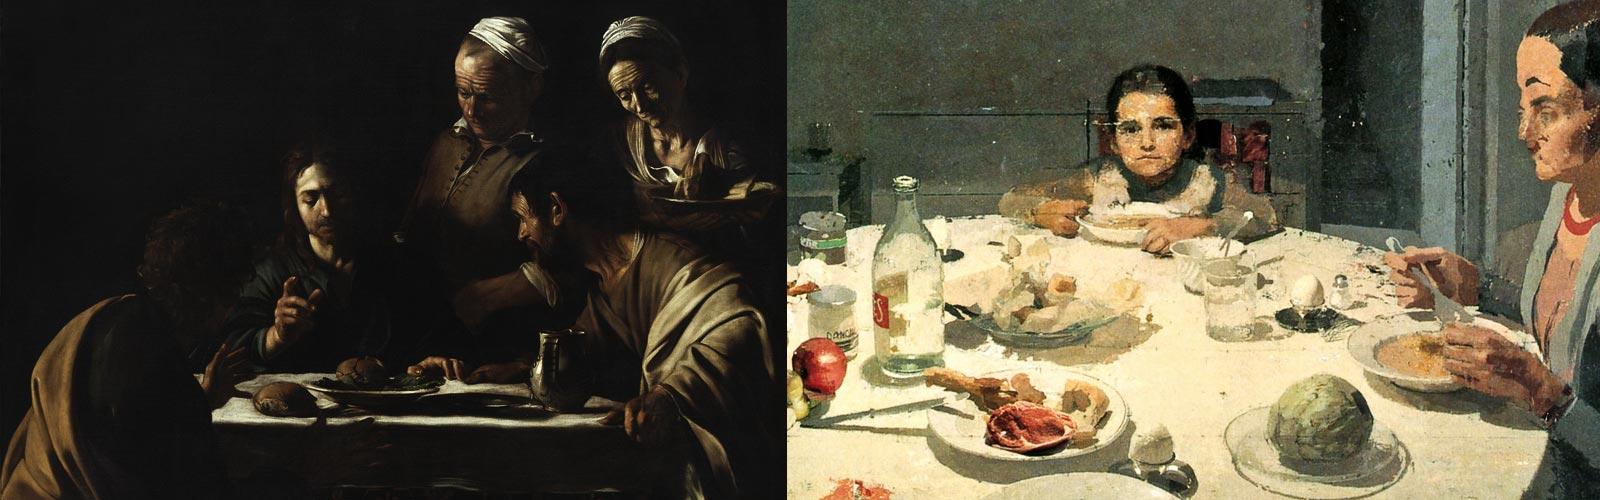 Antonio López García, Caravaggio. Cena per due, pittura della realtà